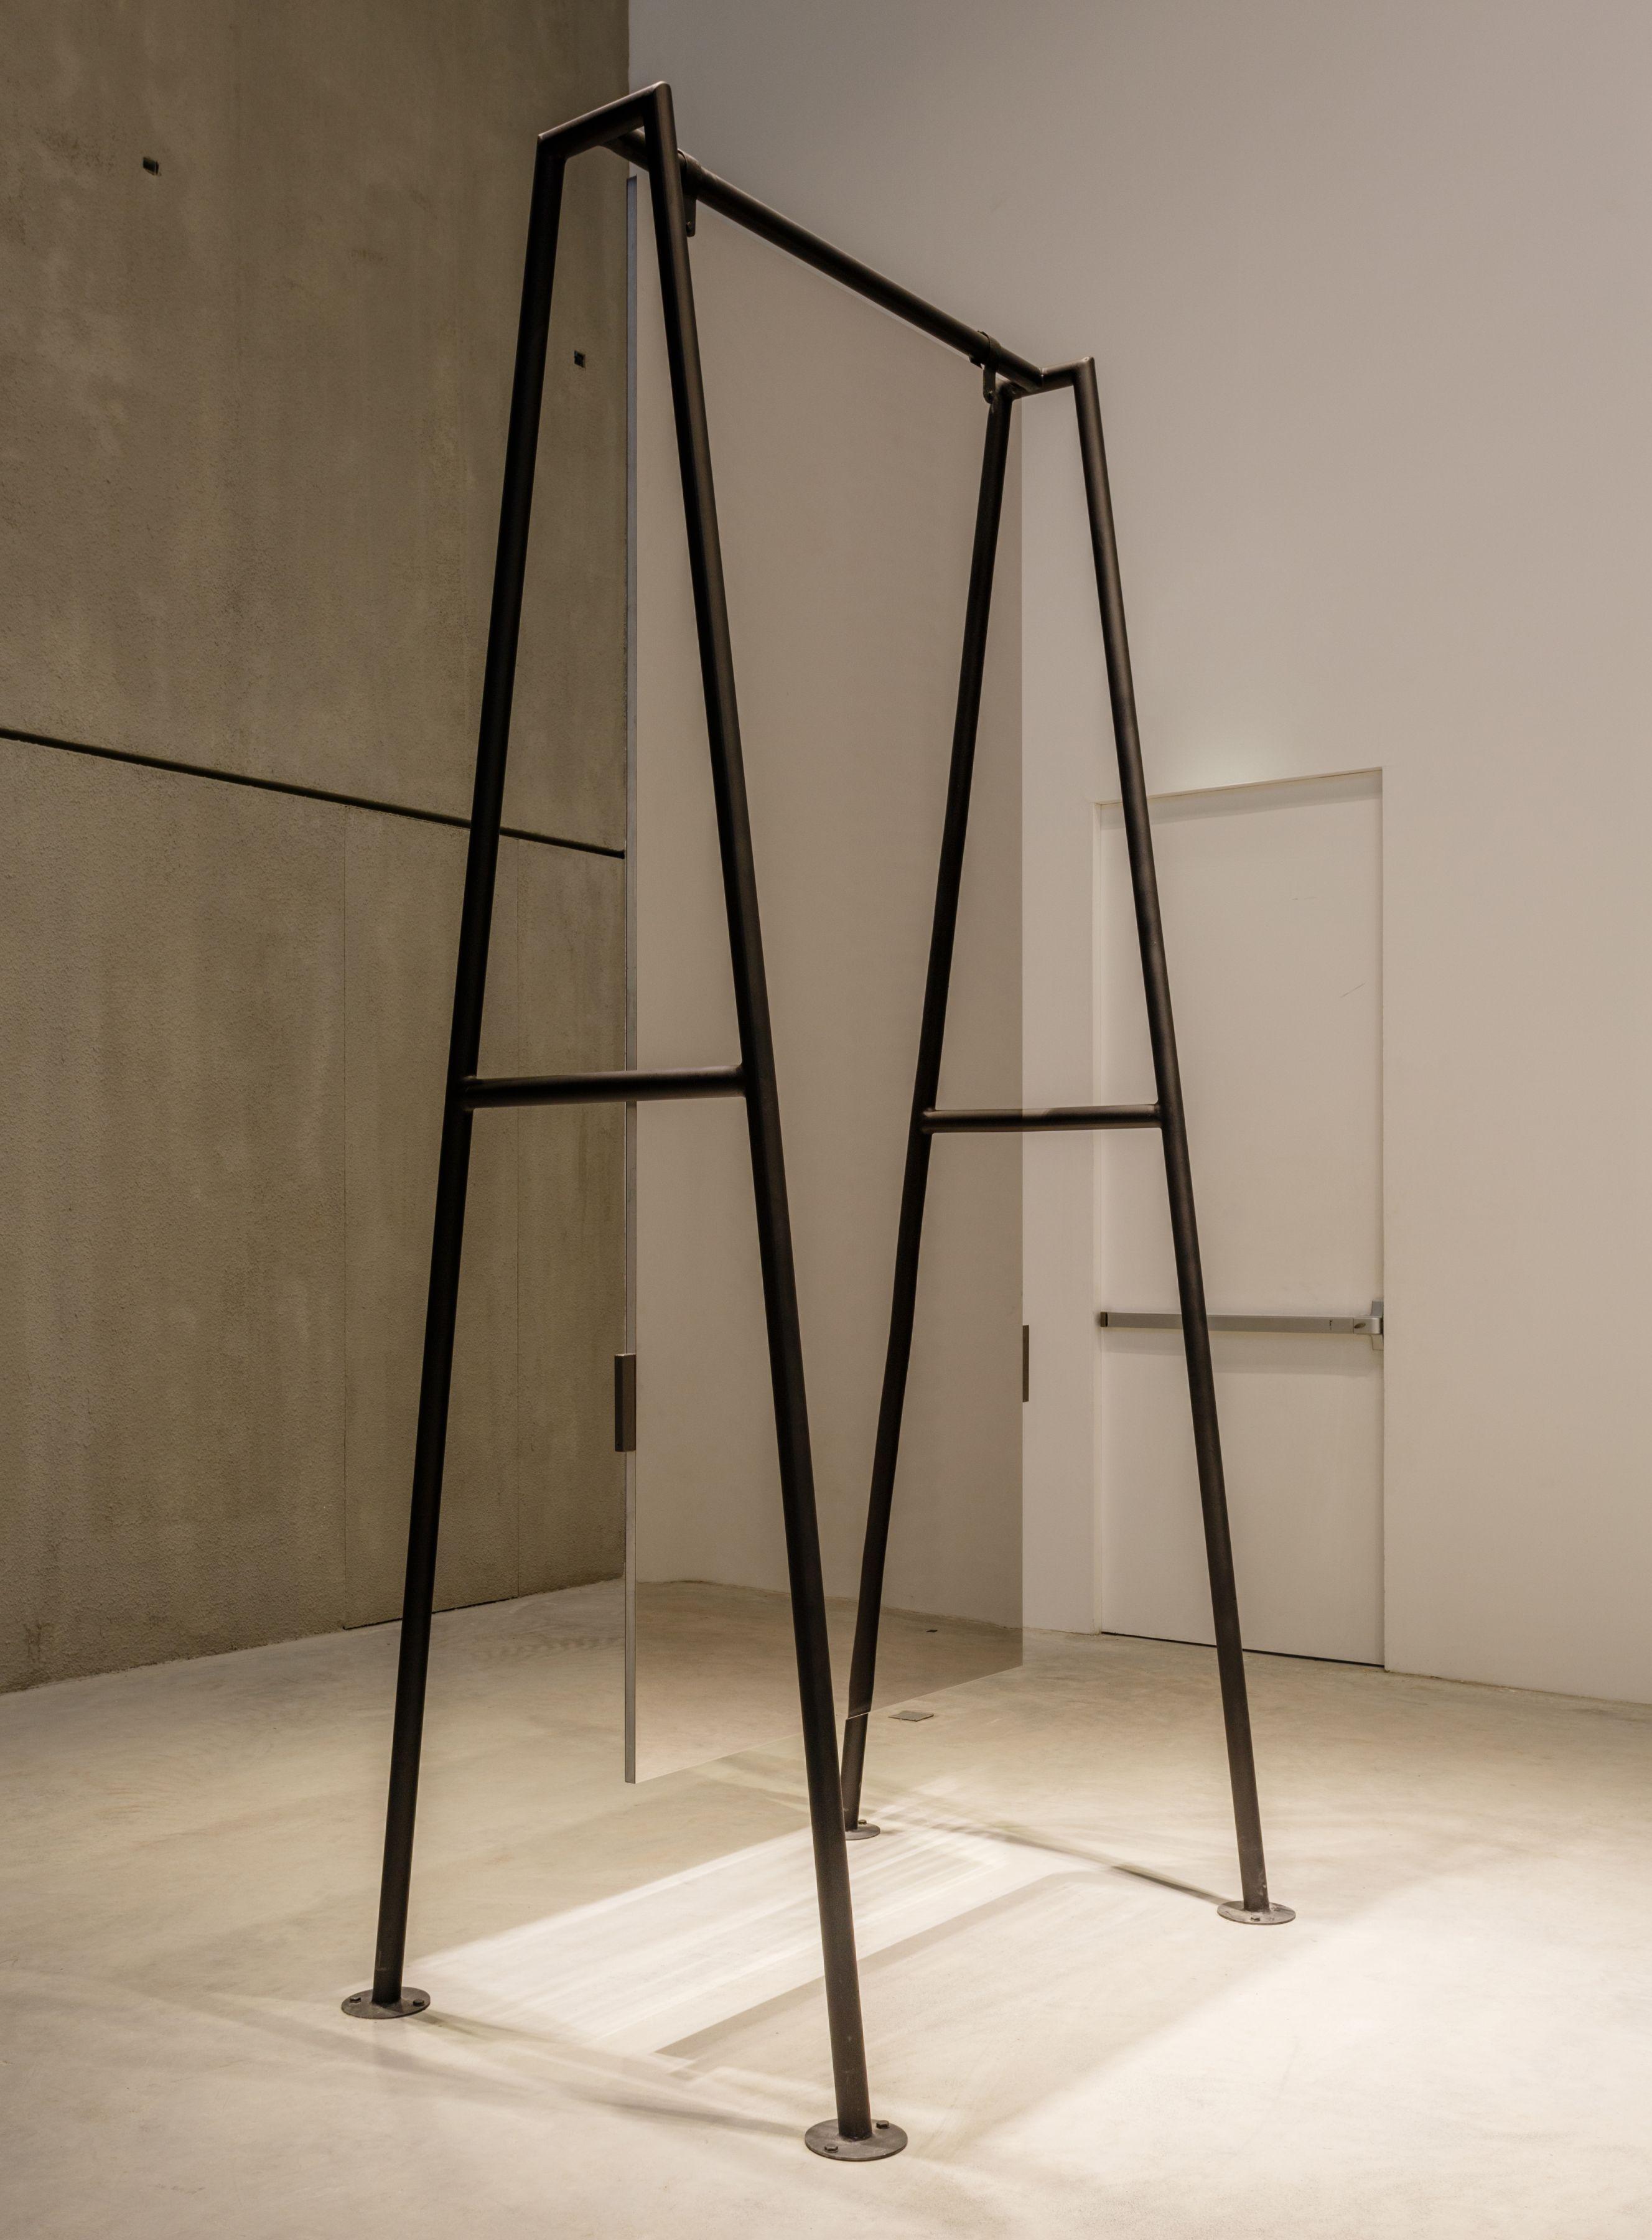 L'altalena, 1976, Mirroring steel, Iron